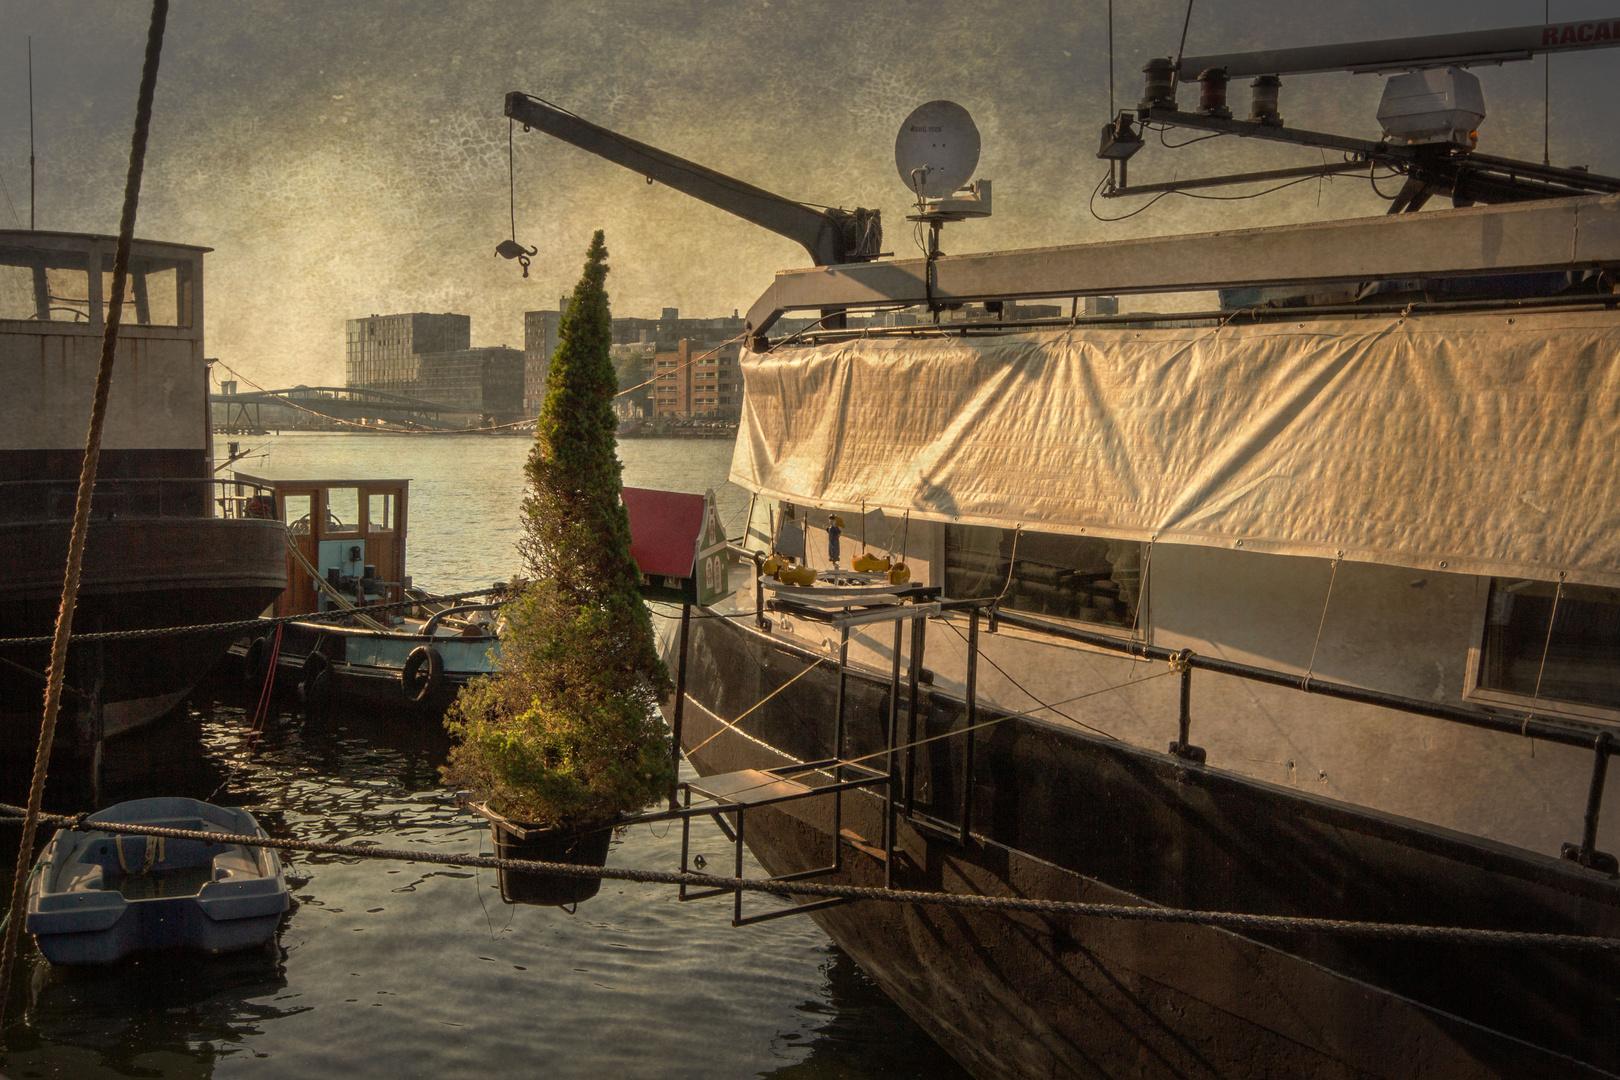 Auch In Amsterdam Wird Mal Wieder Weihnachten Foto Bild